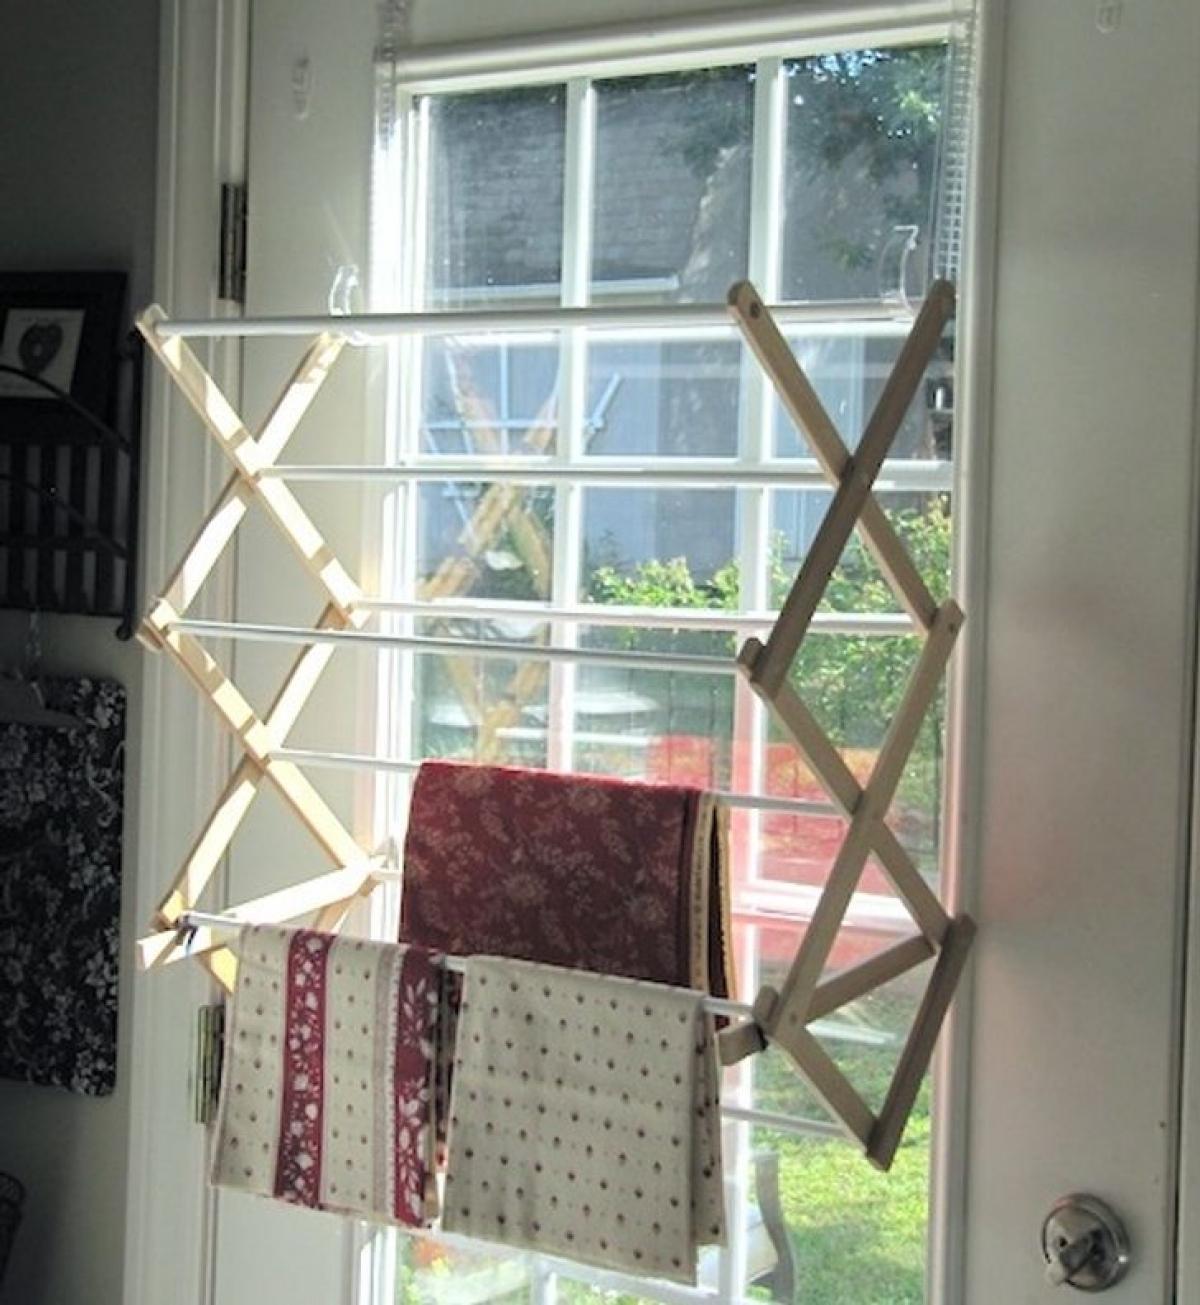 Thay thế một chiếc giá phơi đồ hoàn hảo bên cạnh cửa sổ.